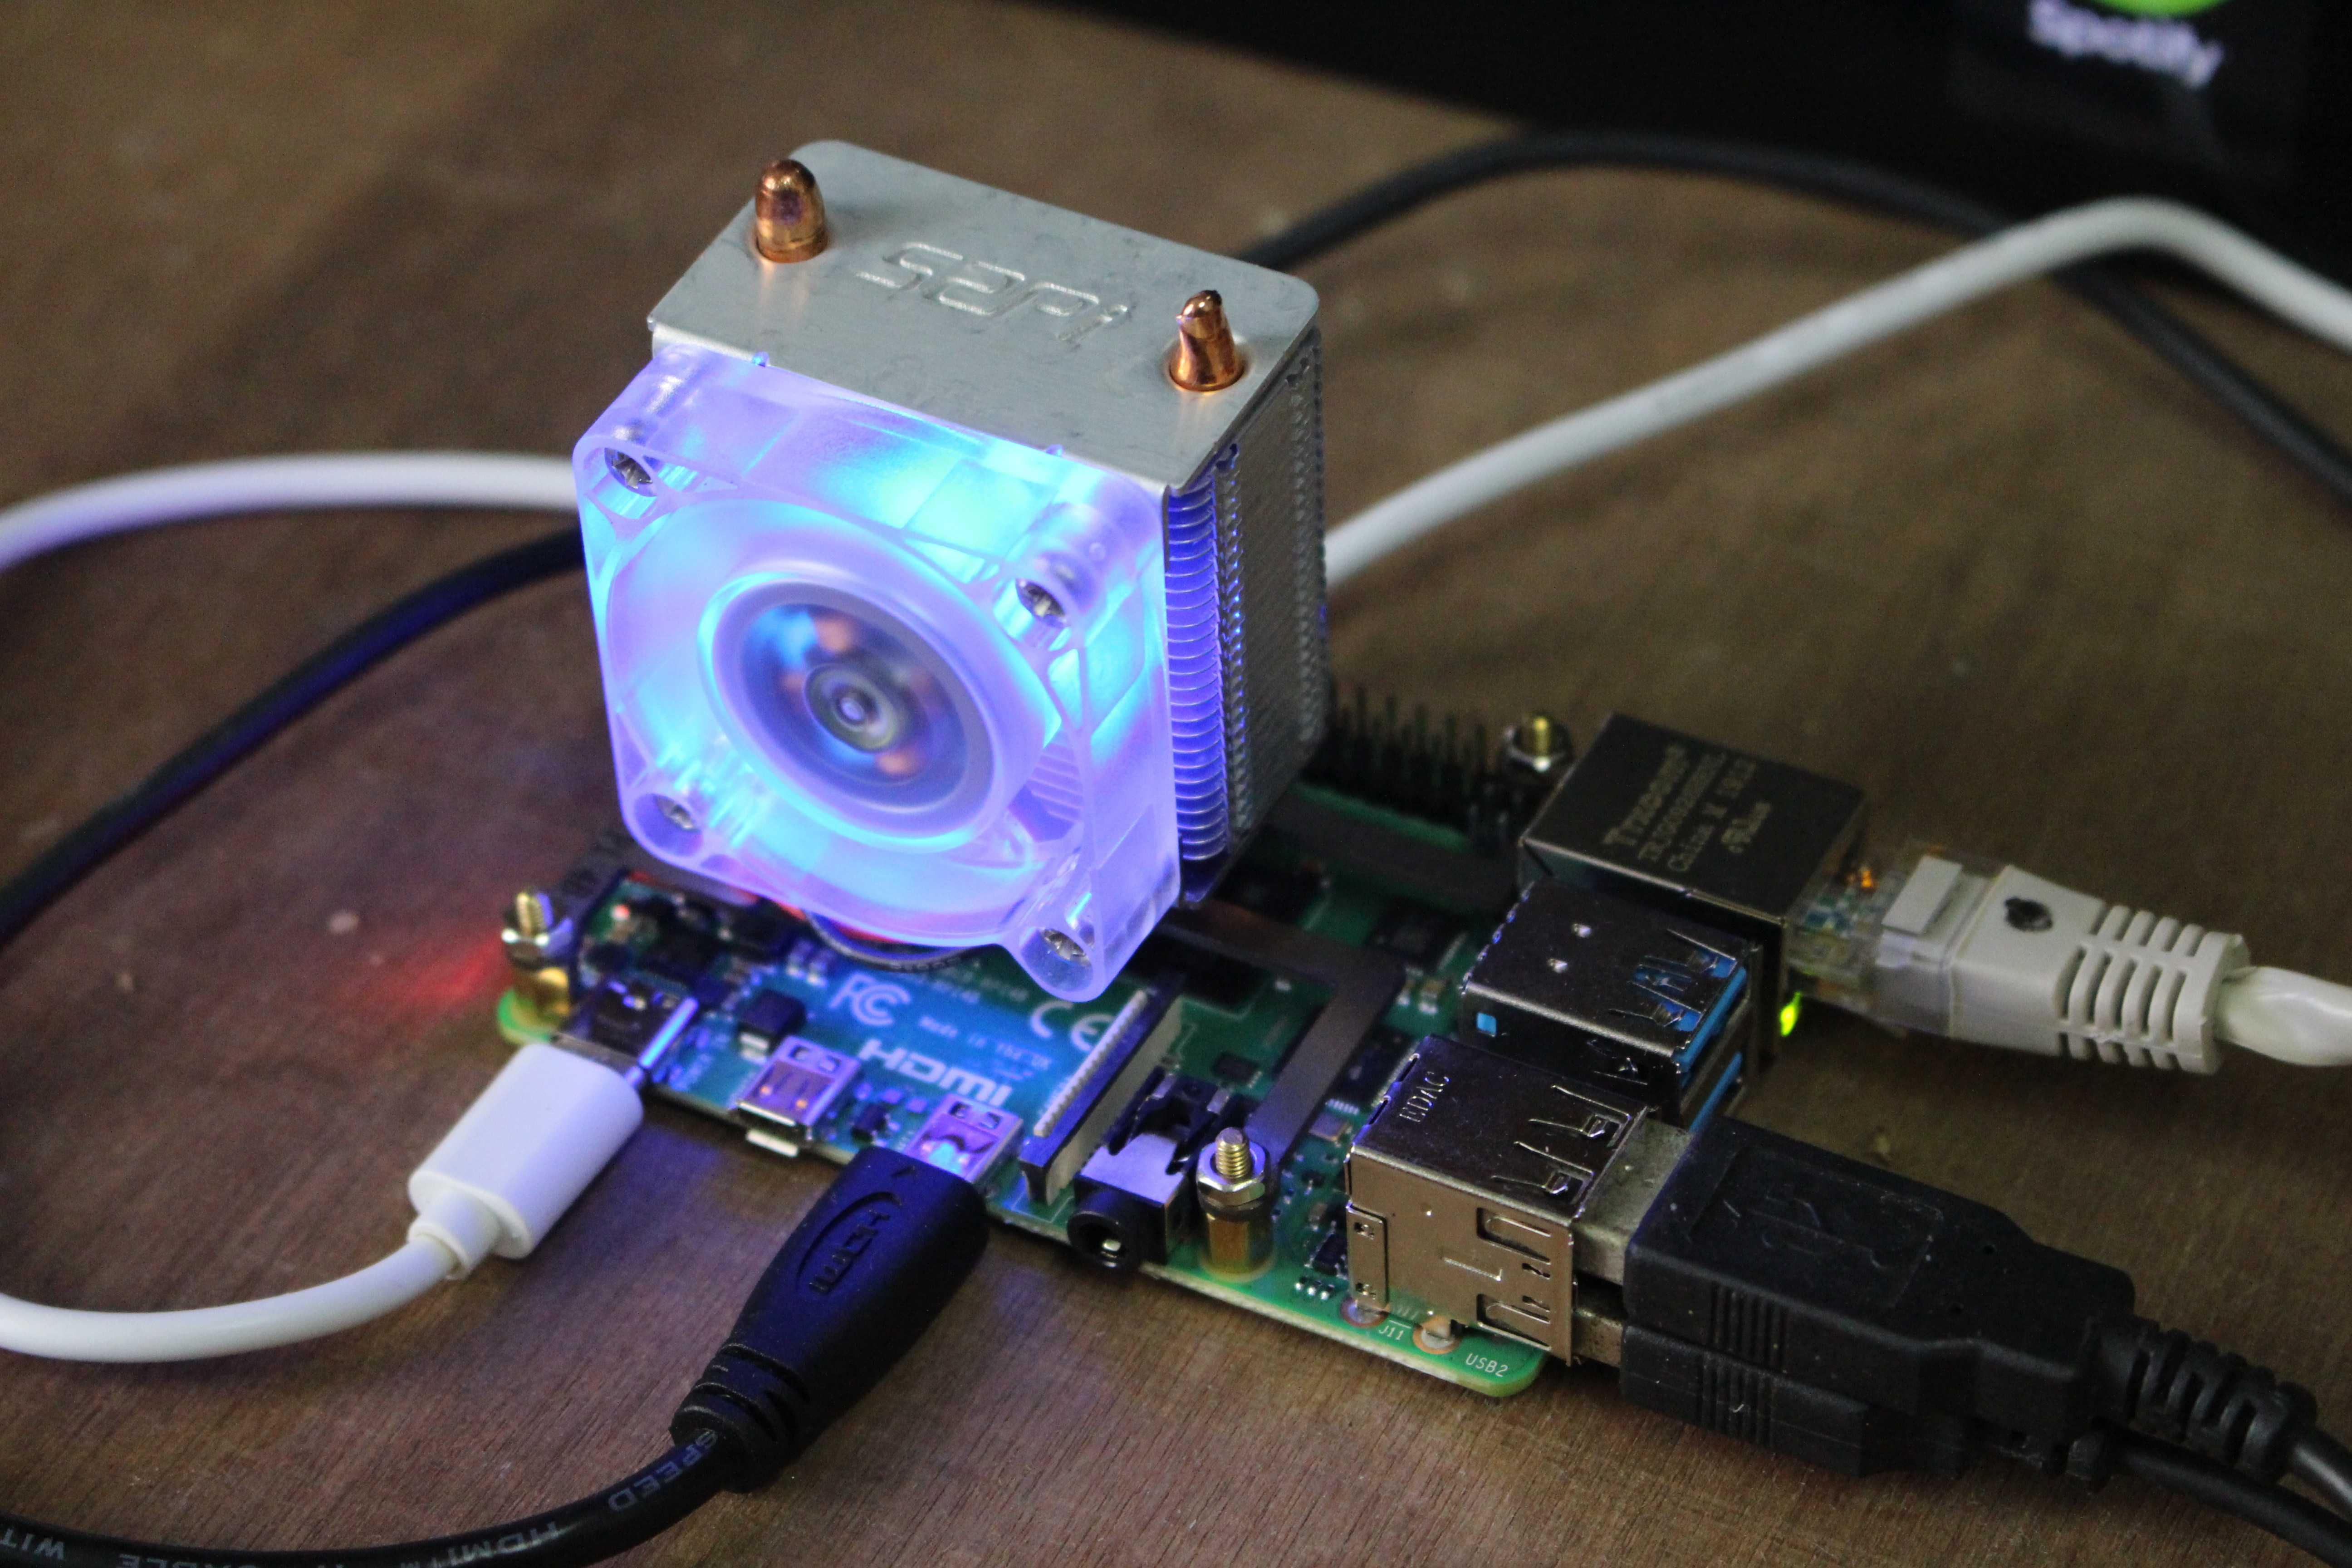 Создан крошечный пк быстрее и в разы дешевле raspberry pi 3